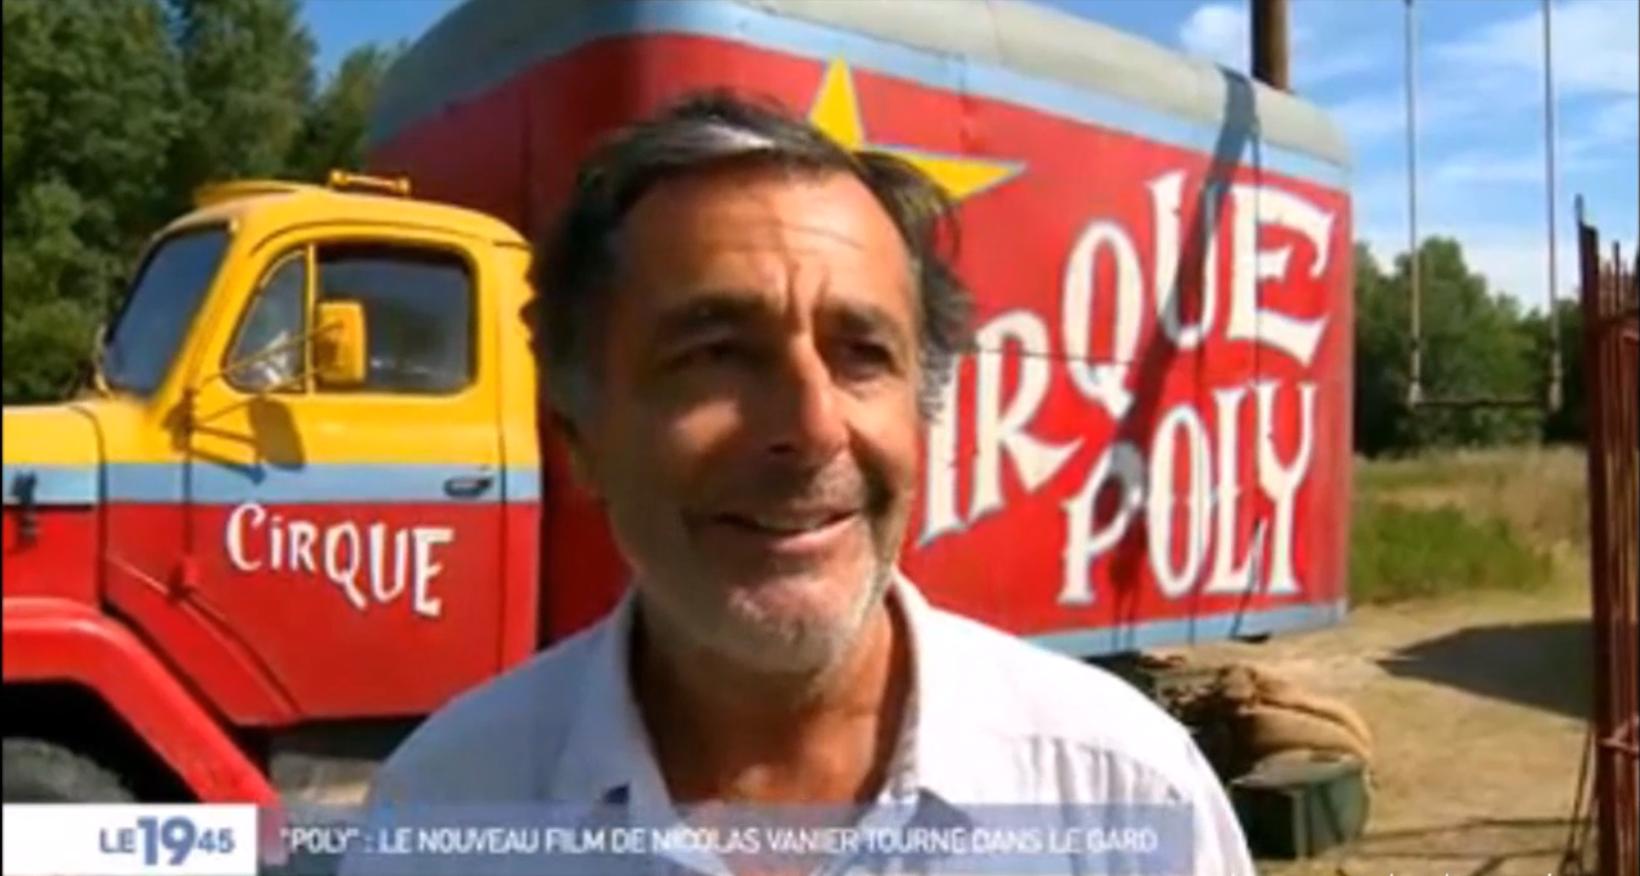 Le nouveau film de Nicolas Vanier tourné dans le Gard